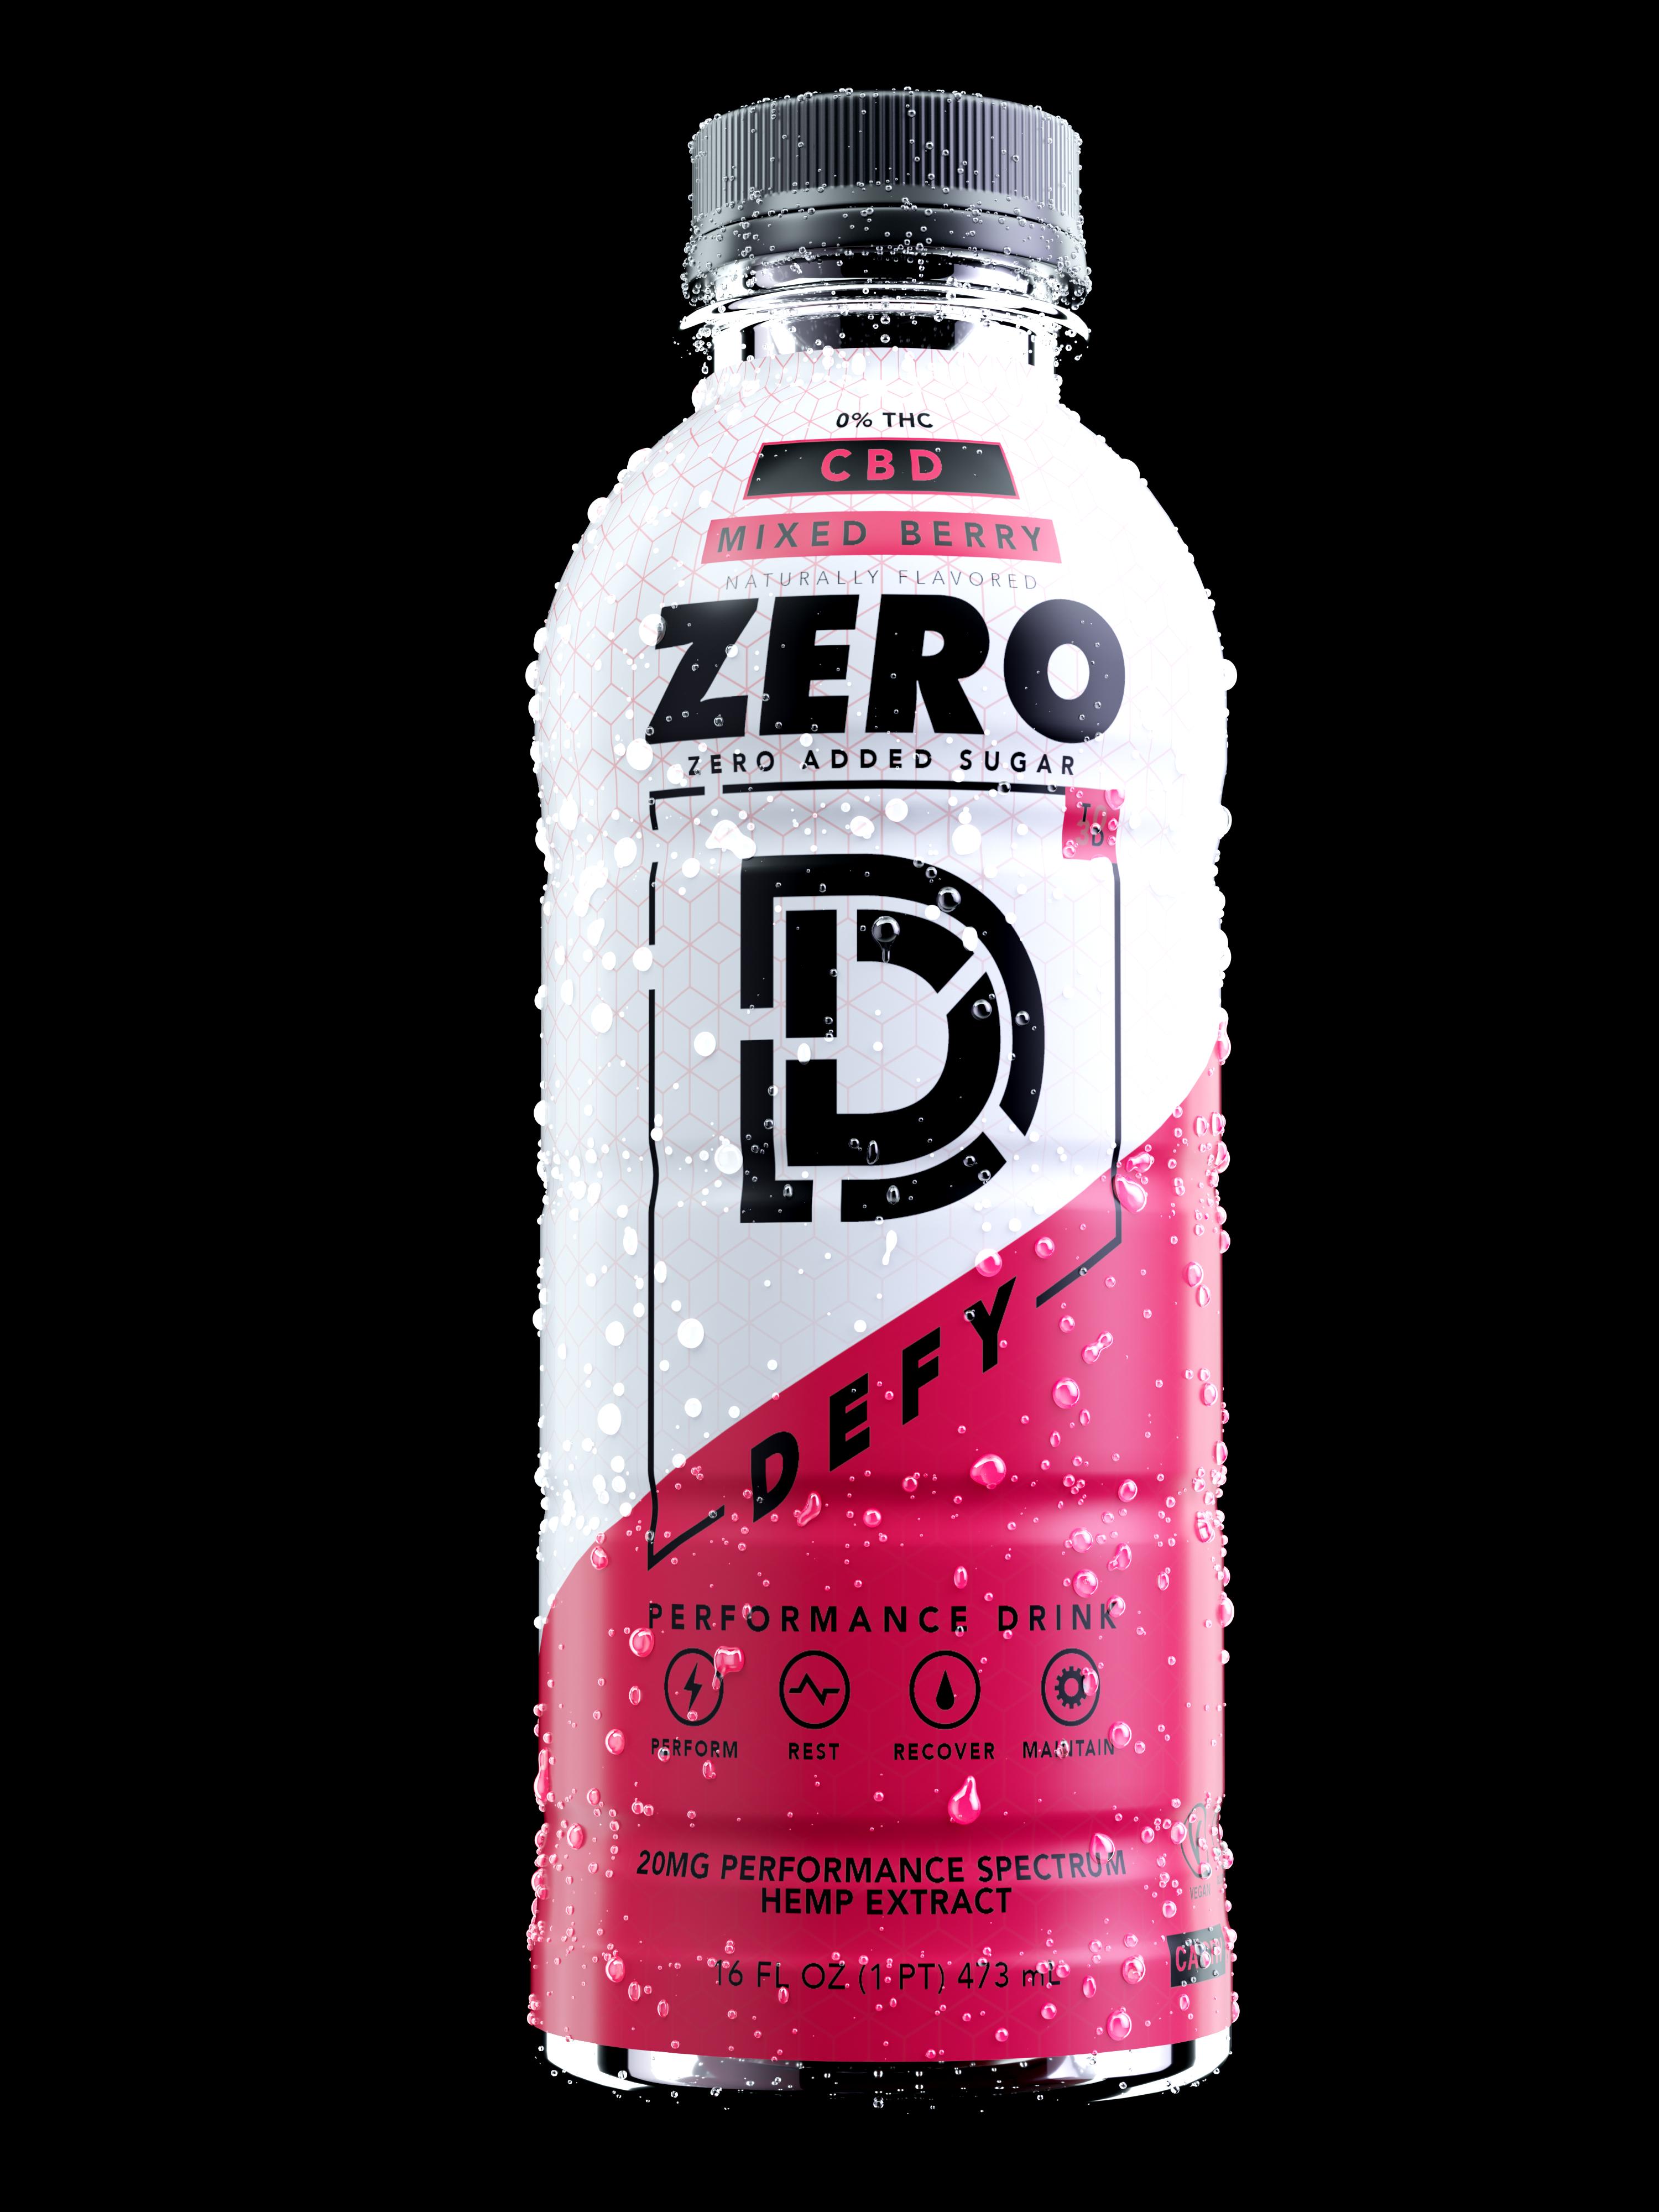 Mixed Berry ZERO